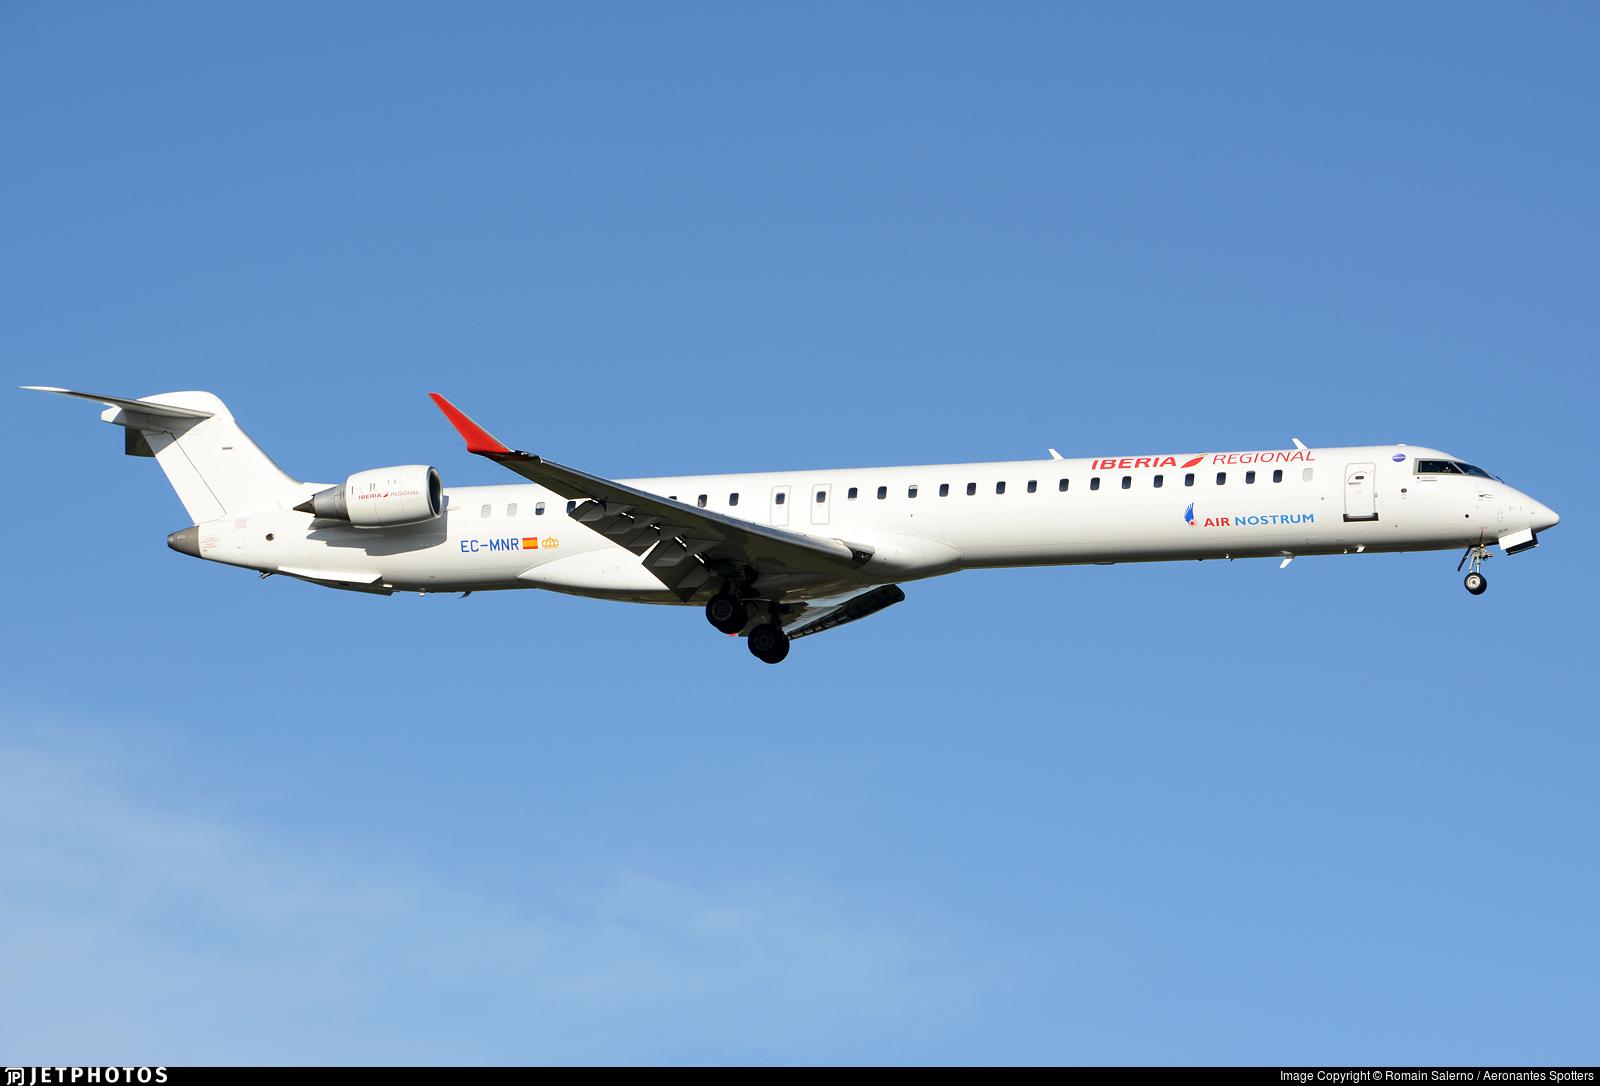 EC-MNR - Bombardier CRJ-1000 - Iberia Regional (Air Nostrum)